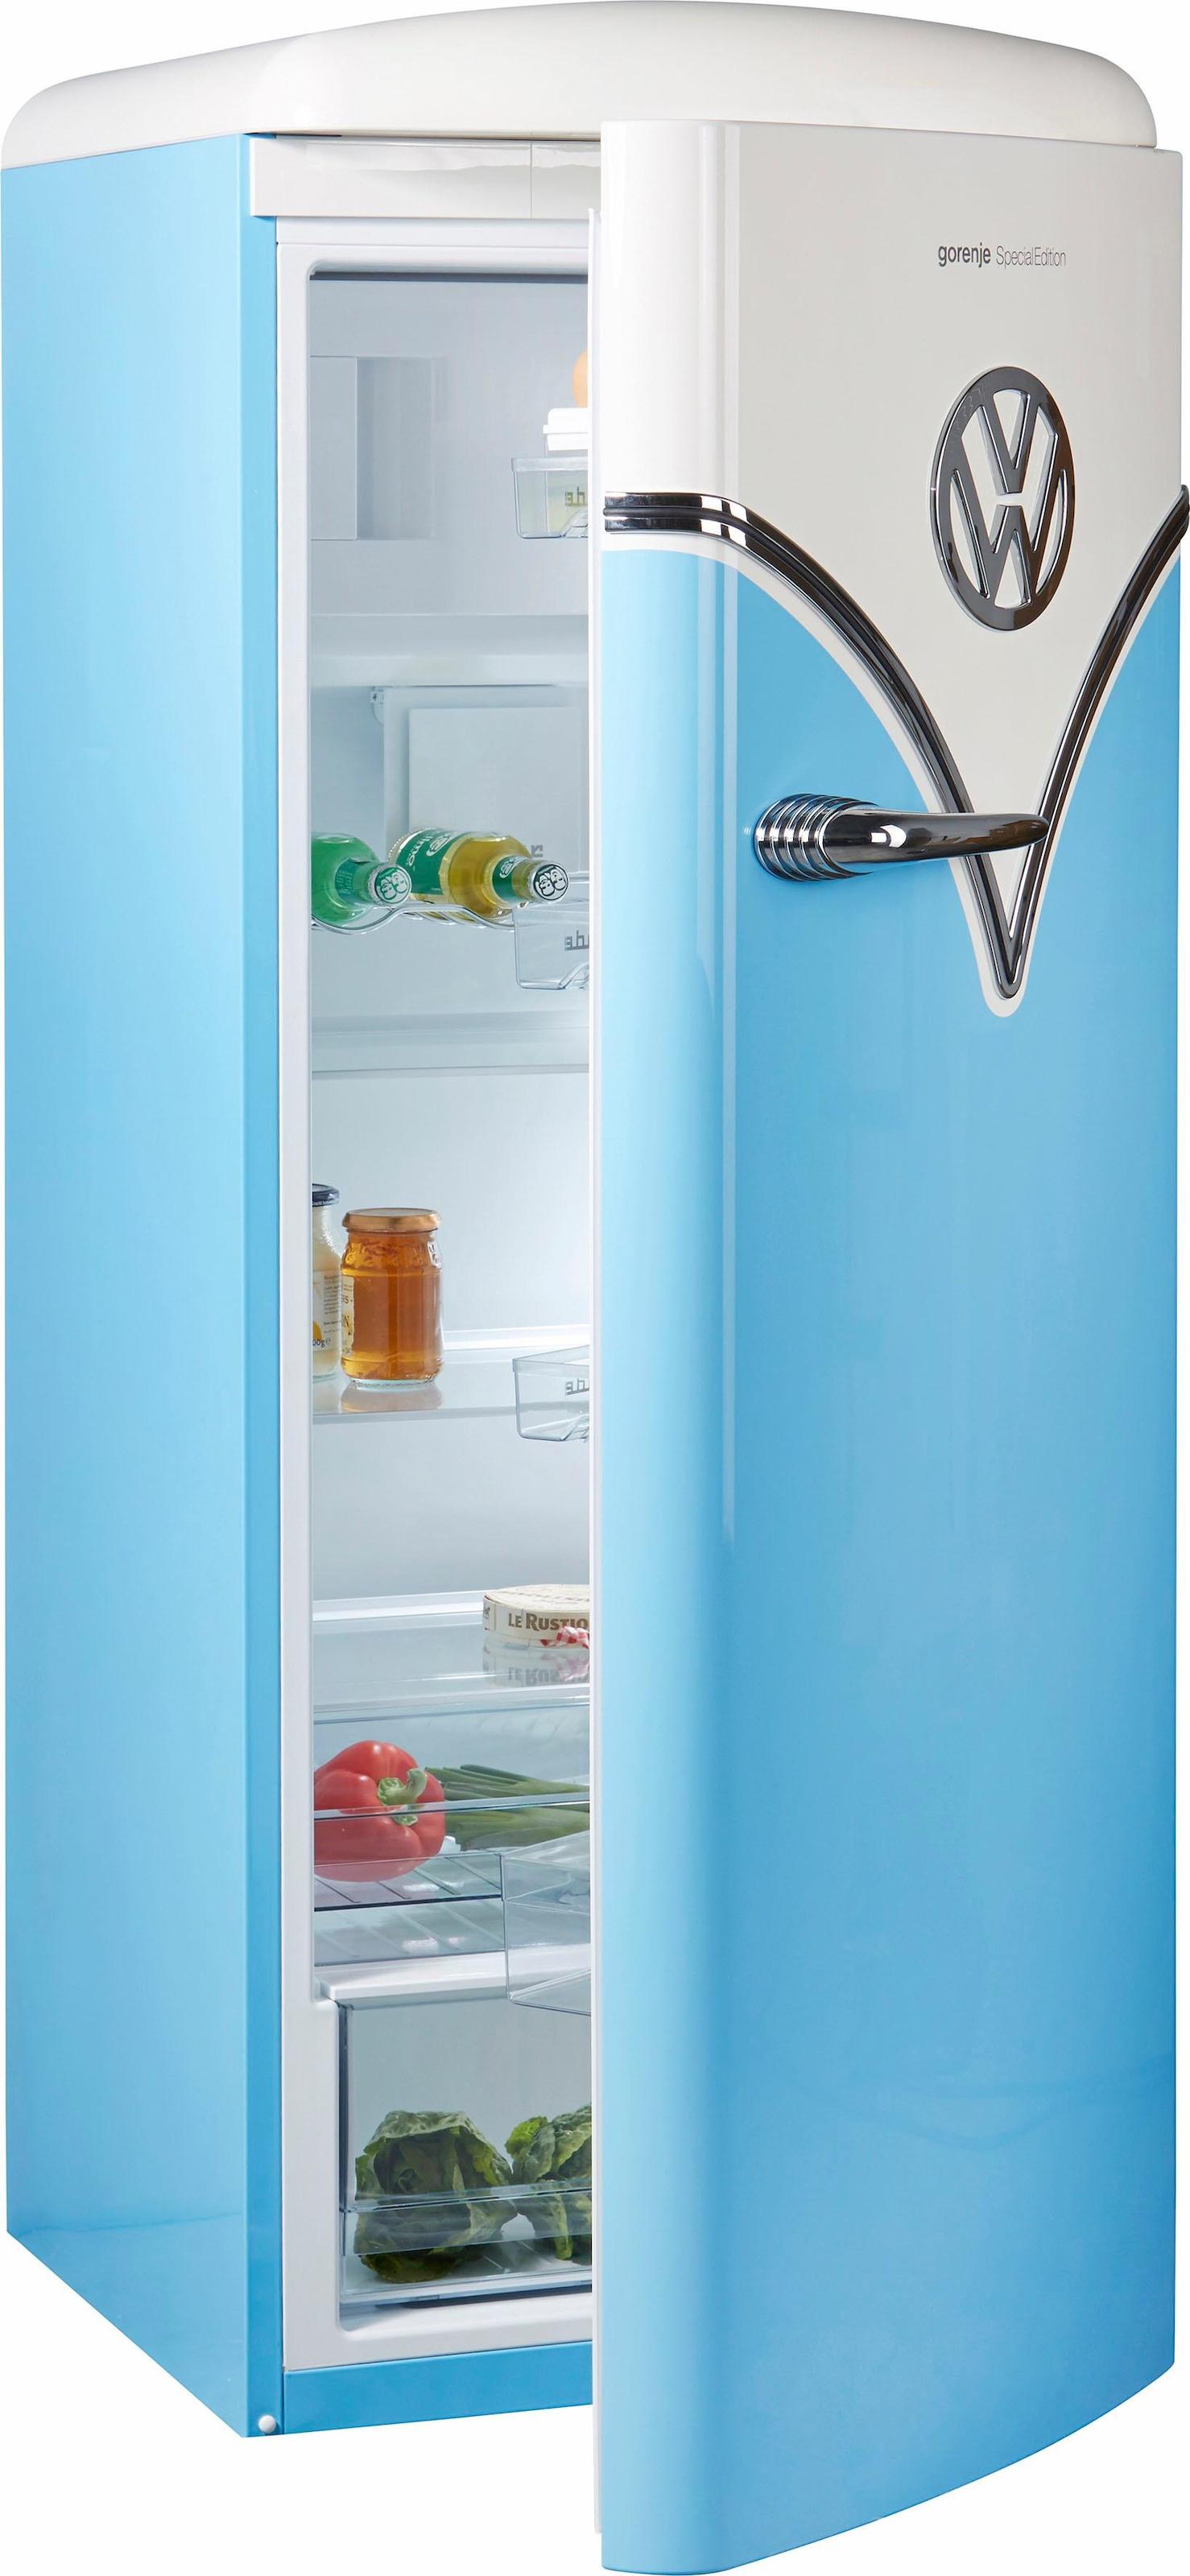 Retro Kühlschrank Gefrierkombination : Retro kühlschränke auf rechnung raten kaufen baur